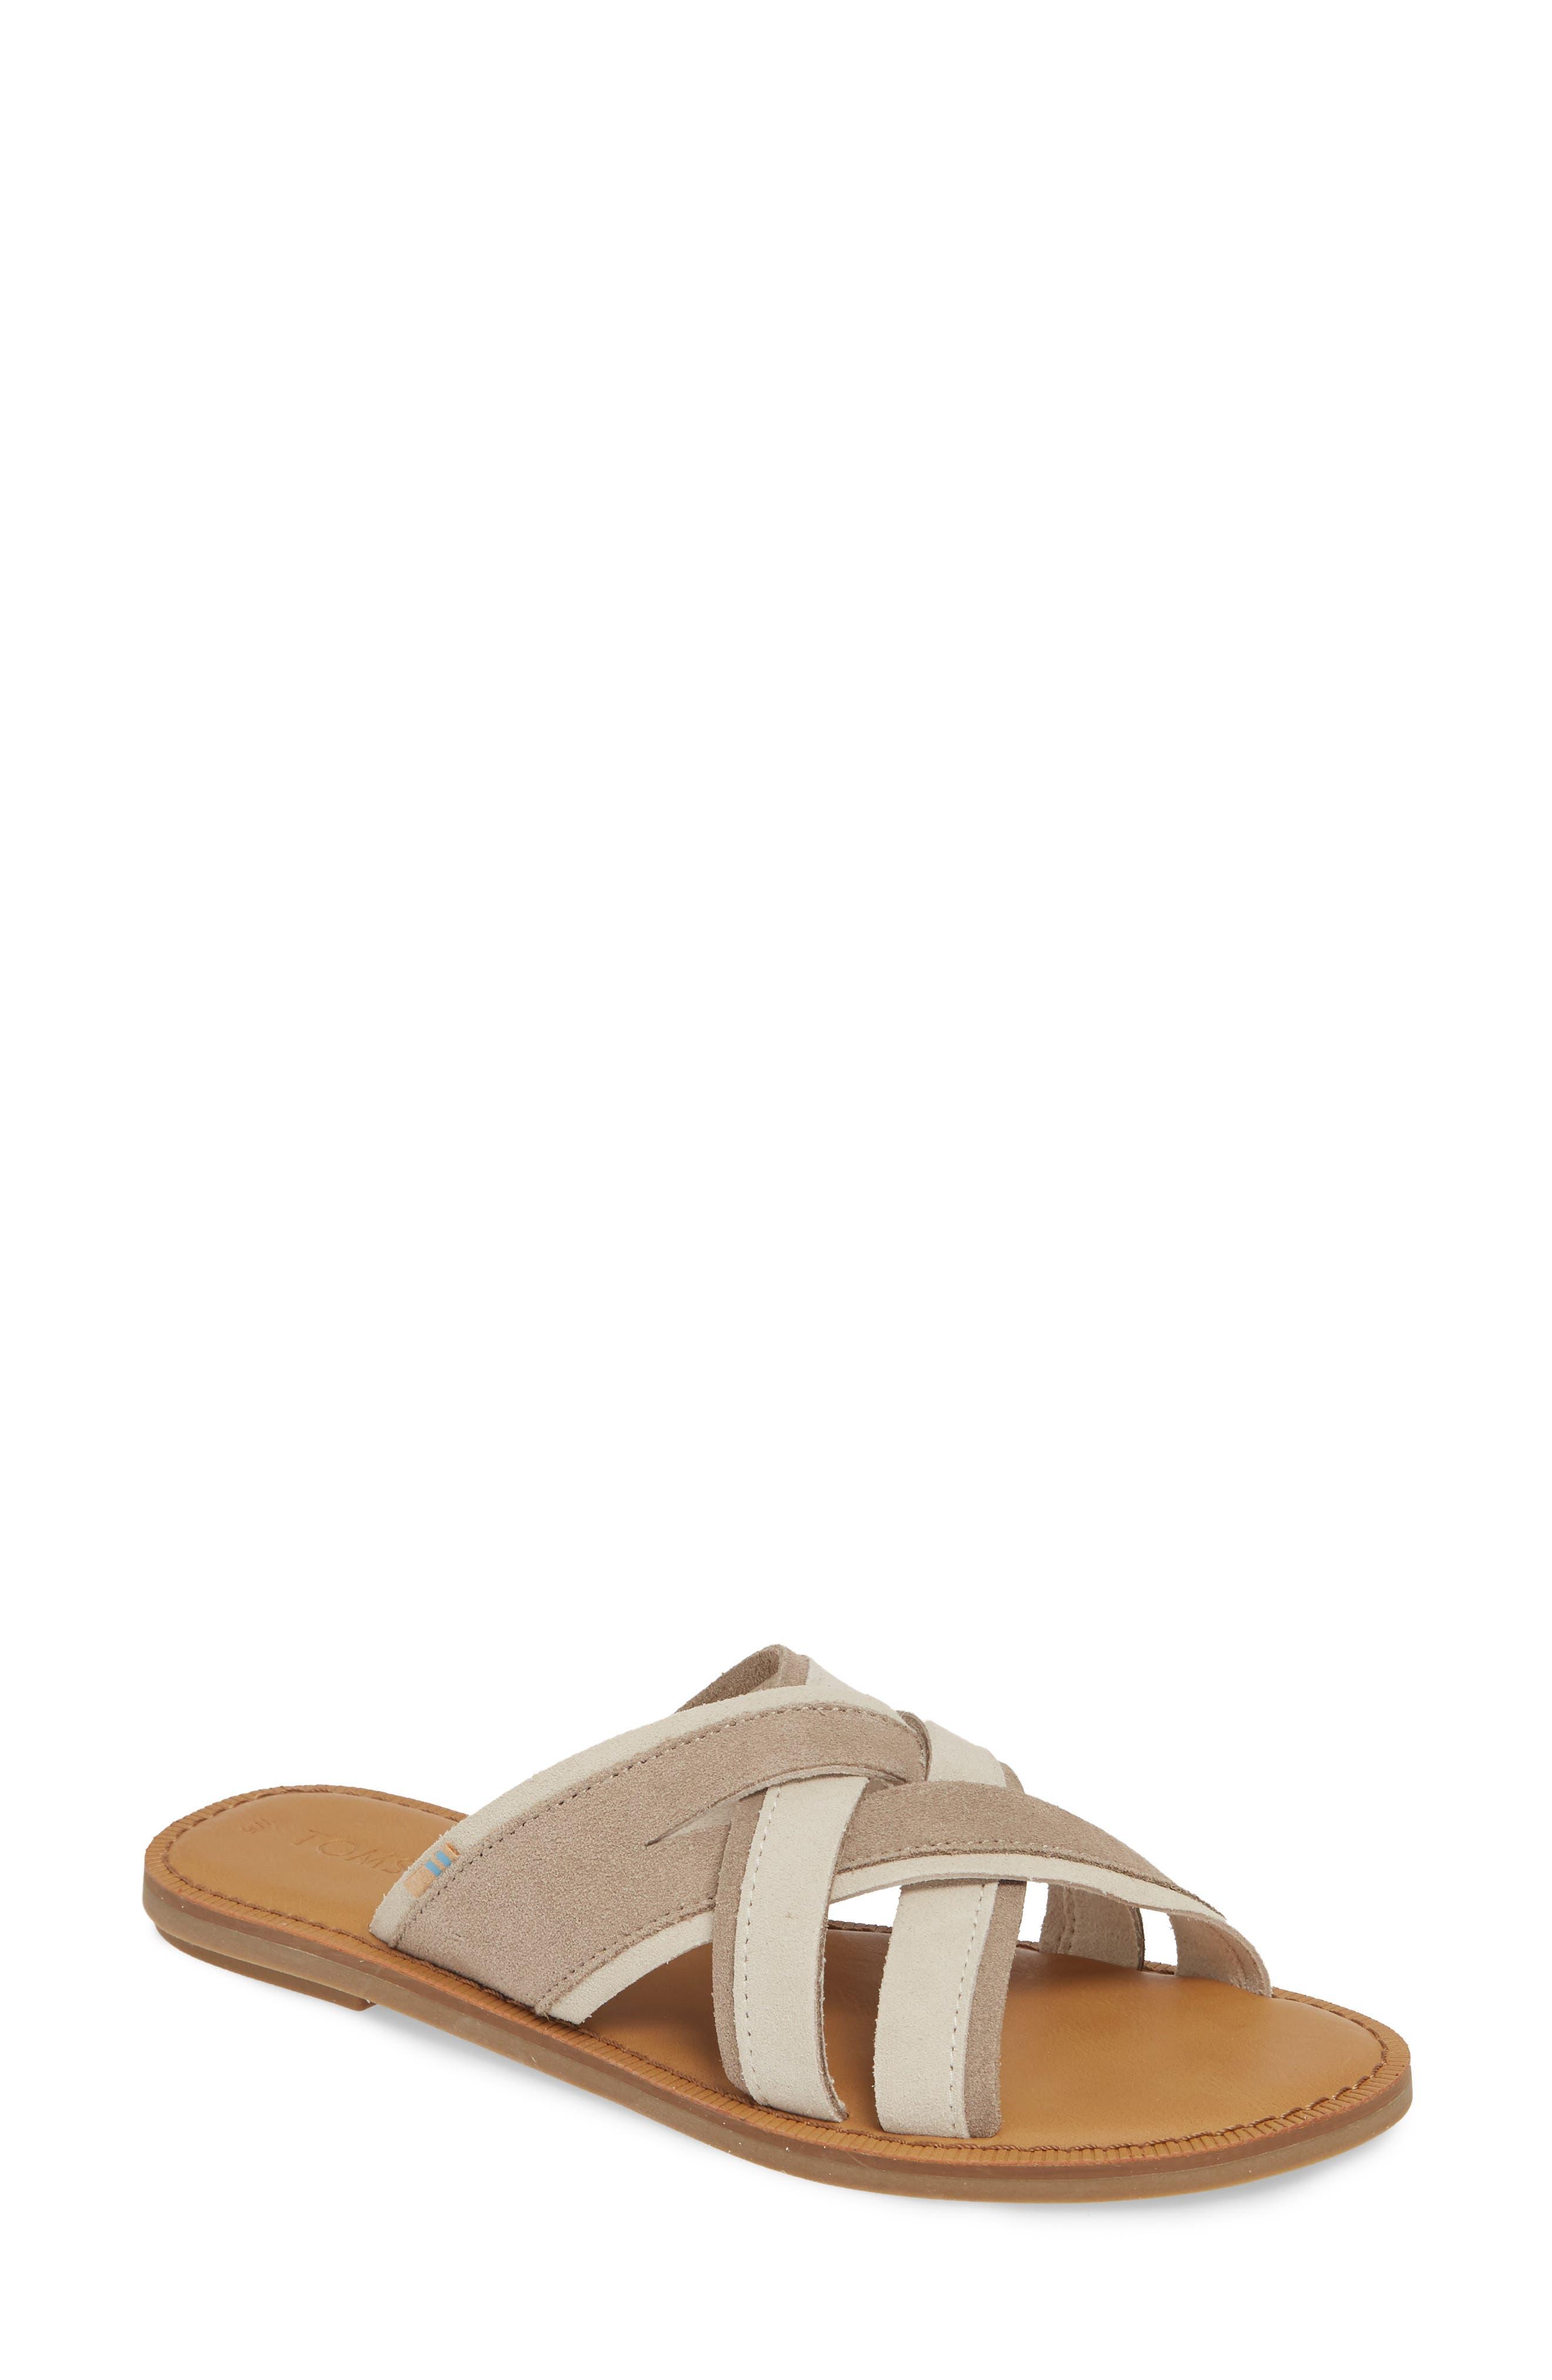 Val Slide Sandal, Main, color, DESERT TAUPE SUEDE